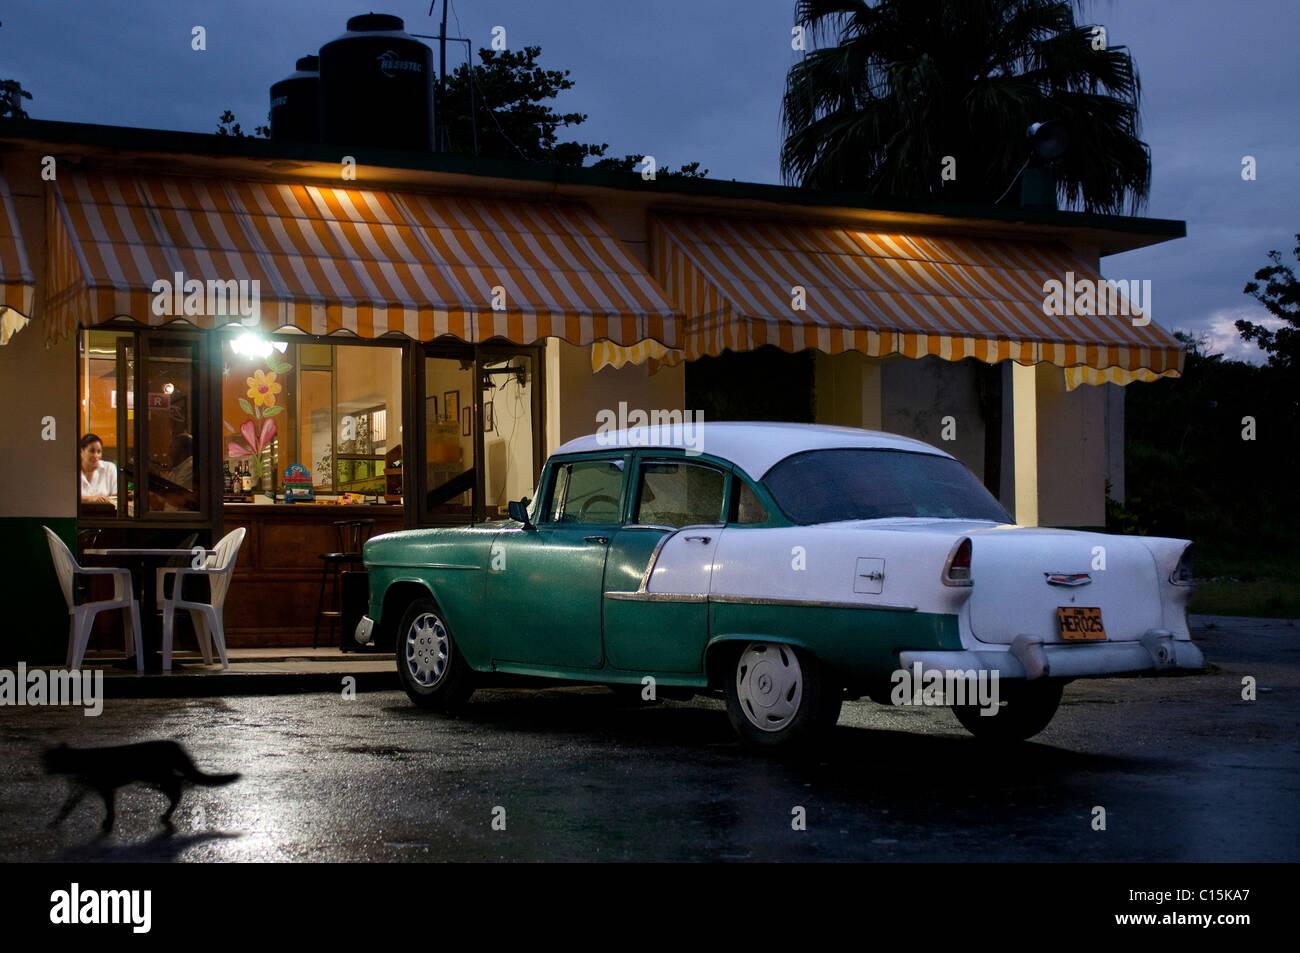 Coche clásico americano bar exterior, Matanzas, Cuba Imagen De Stock